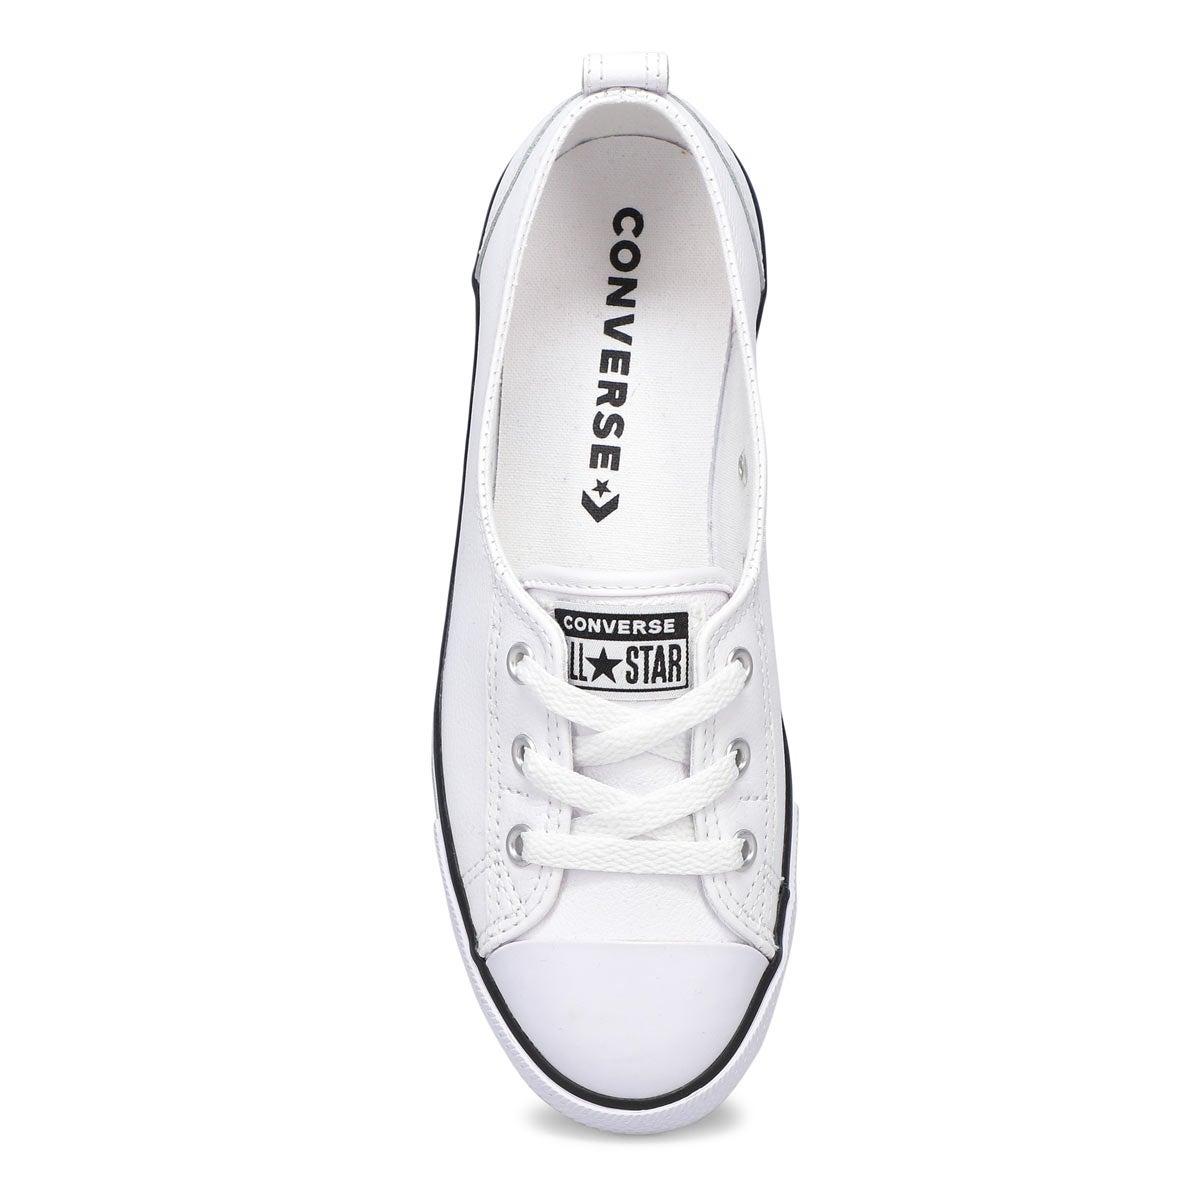 Lds CT A/S Ballet Lace white lthr sneakr